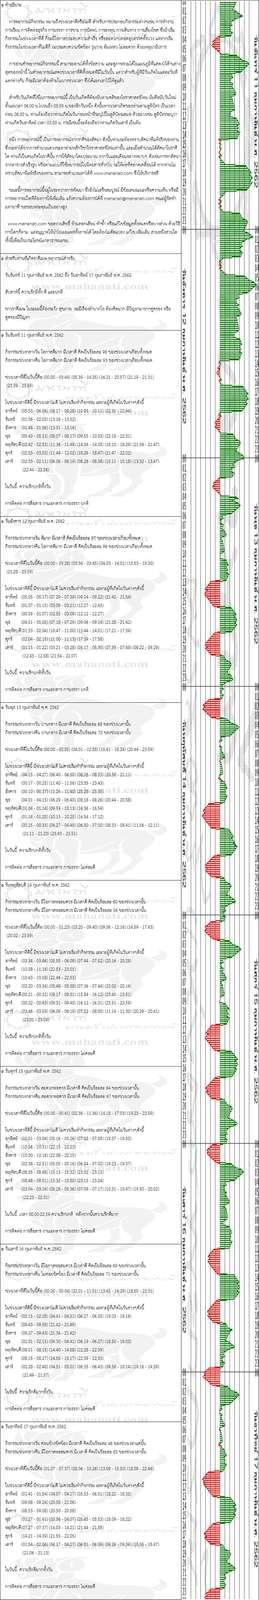 pmi6bpys87lryYn5oK4-o.jpg